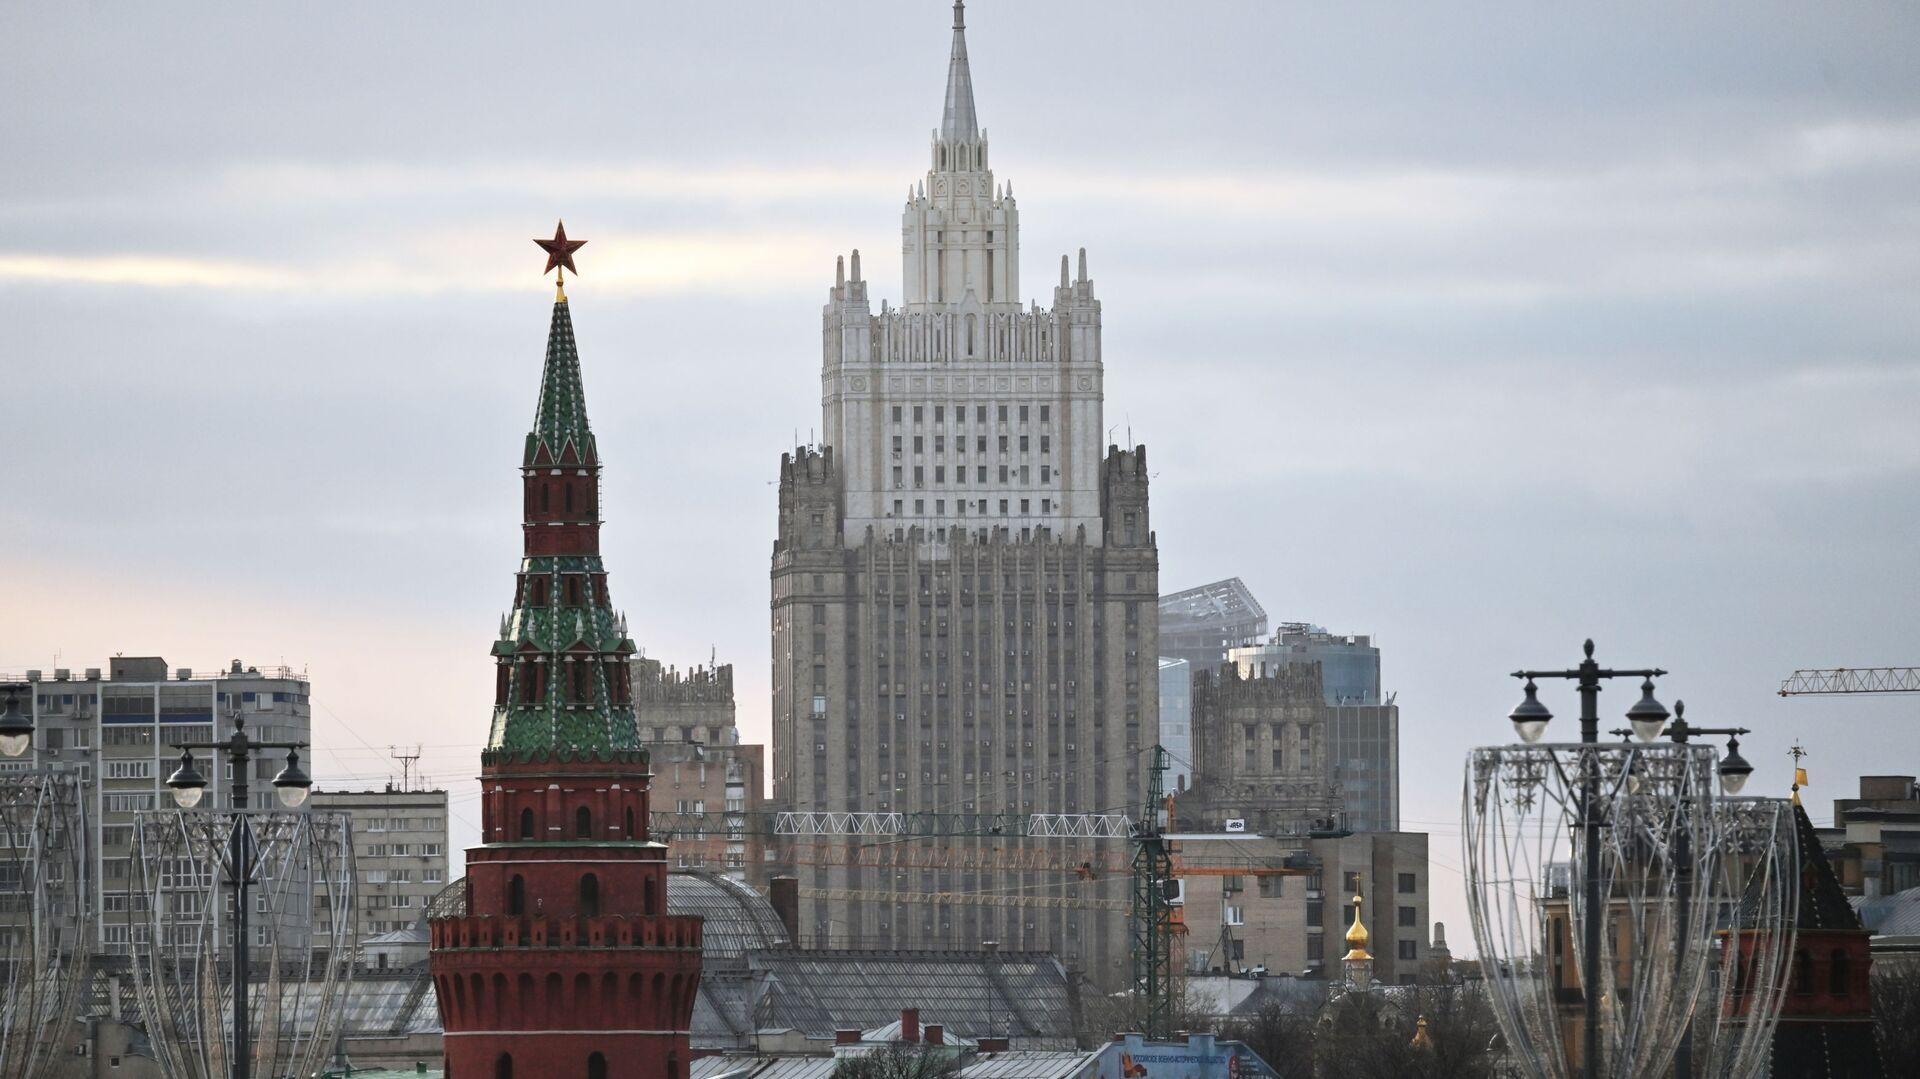 El edificio del Ministerio de Asuntos Exteriores ruso y una de las torres del Kremlin - Sputnik Mundo, 1920, 22.03.2021